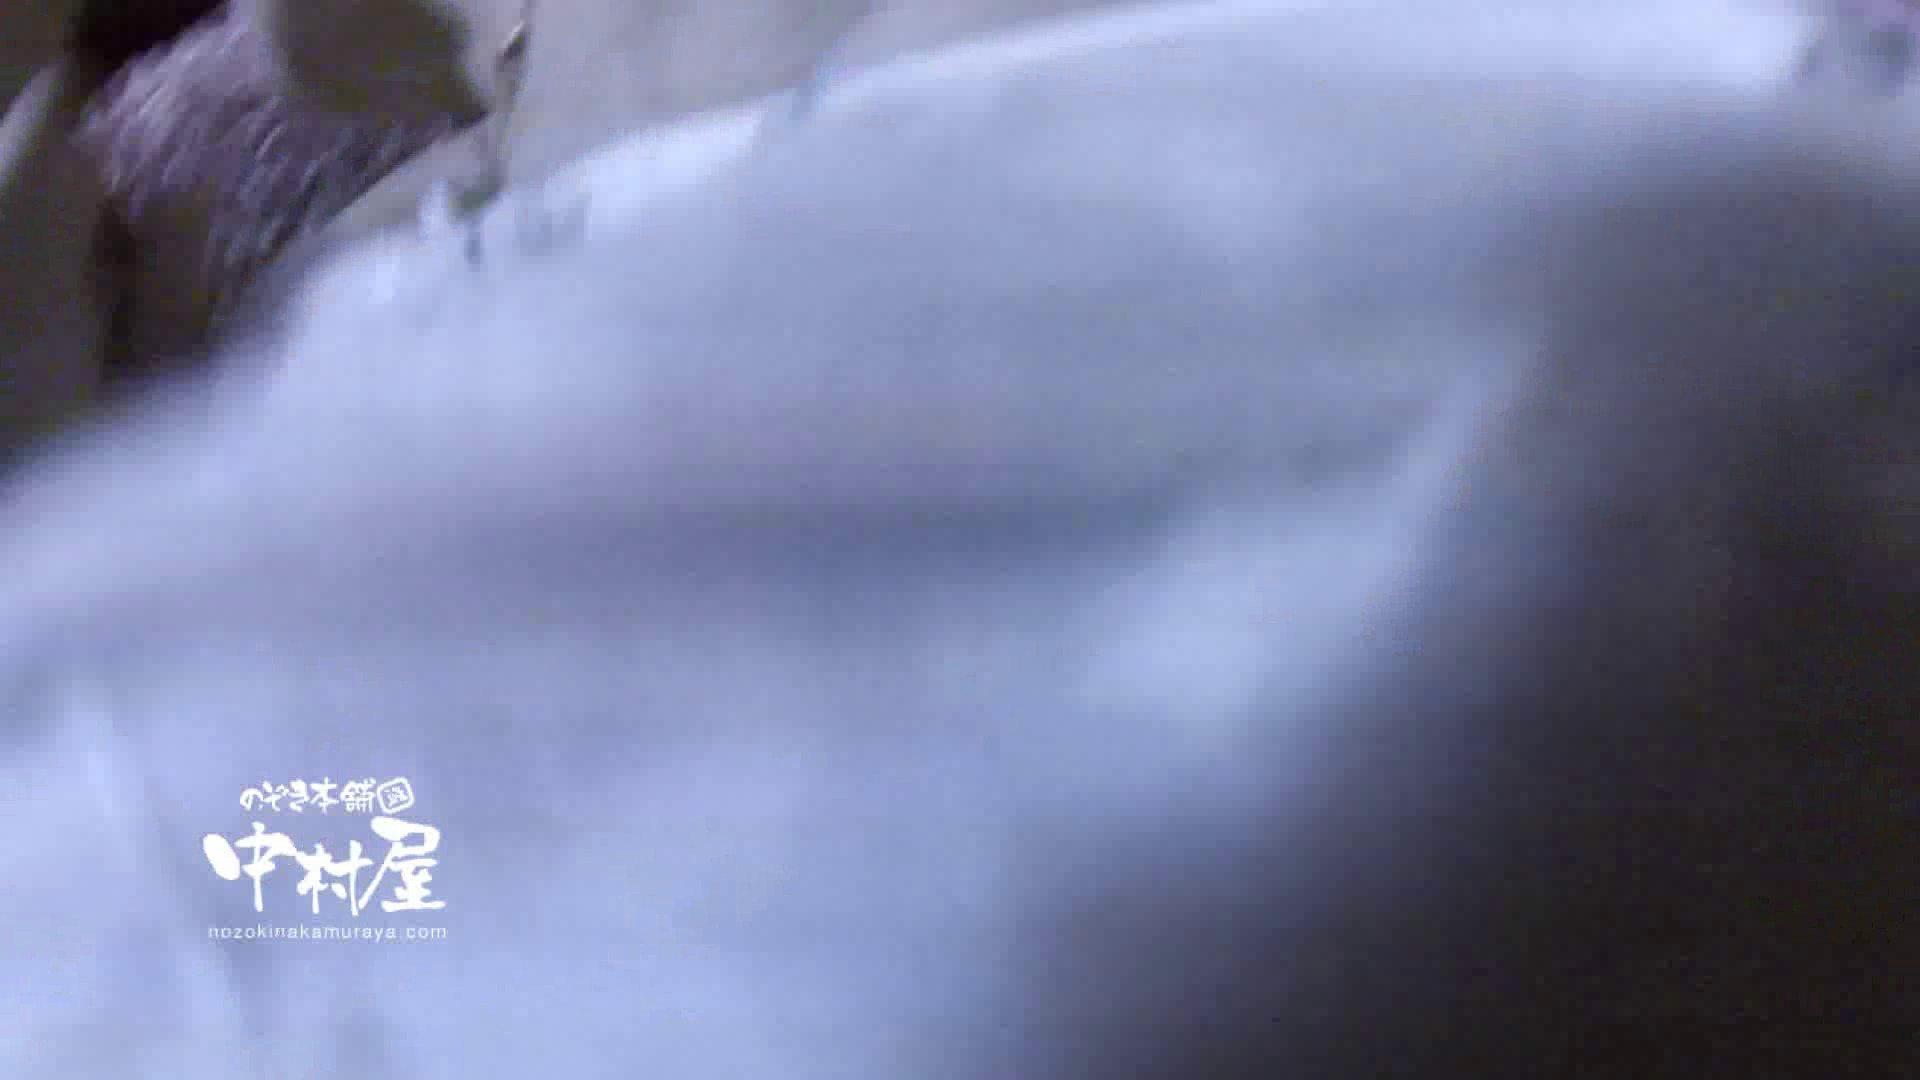 鬼畜 vol.10 あぁ無情…中出しパイパン! 前編 鬼畜 すけべAV動画紹介 107画像 84